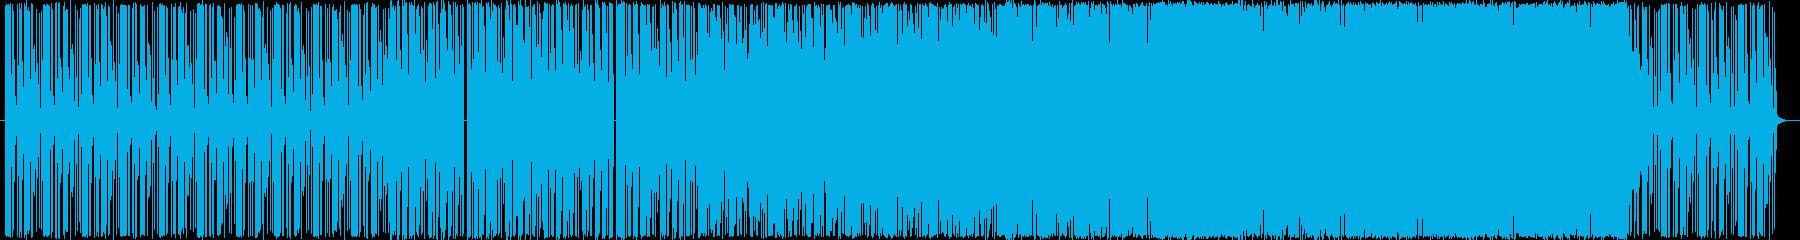 ピアノとドラムを主体とした綺麗なテクノの再生済みの波形